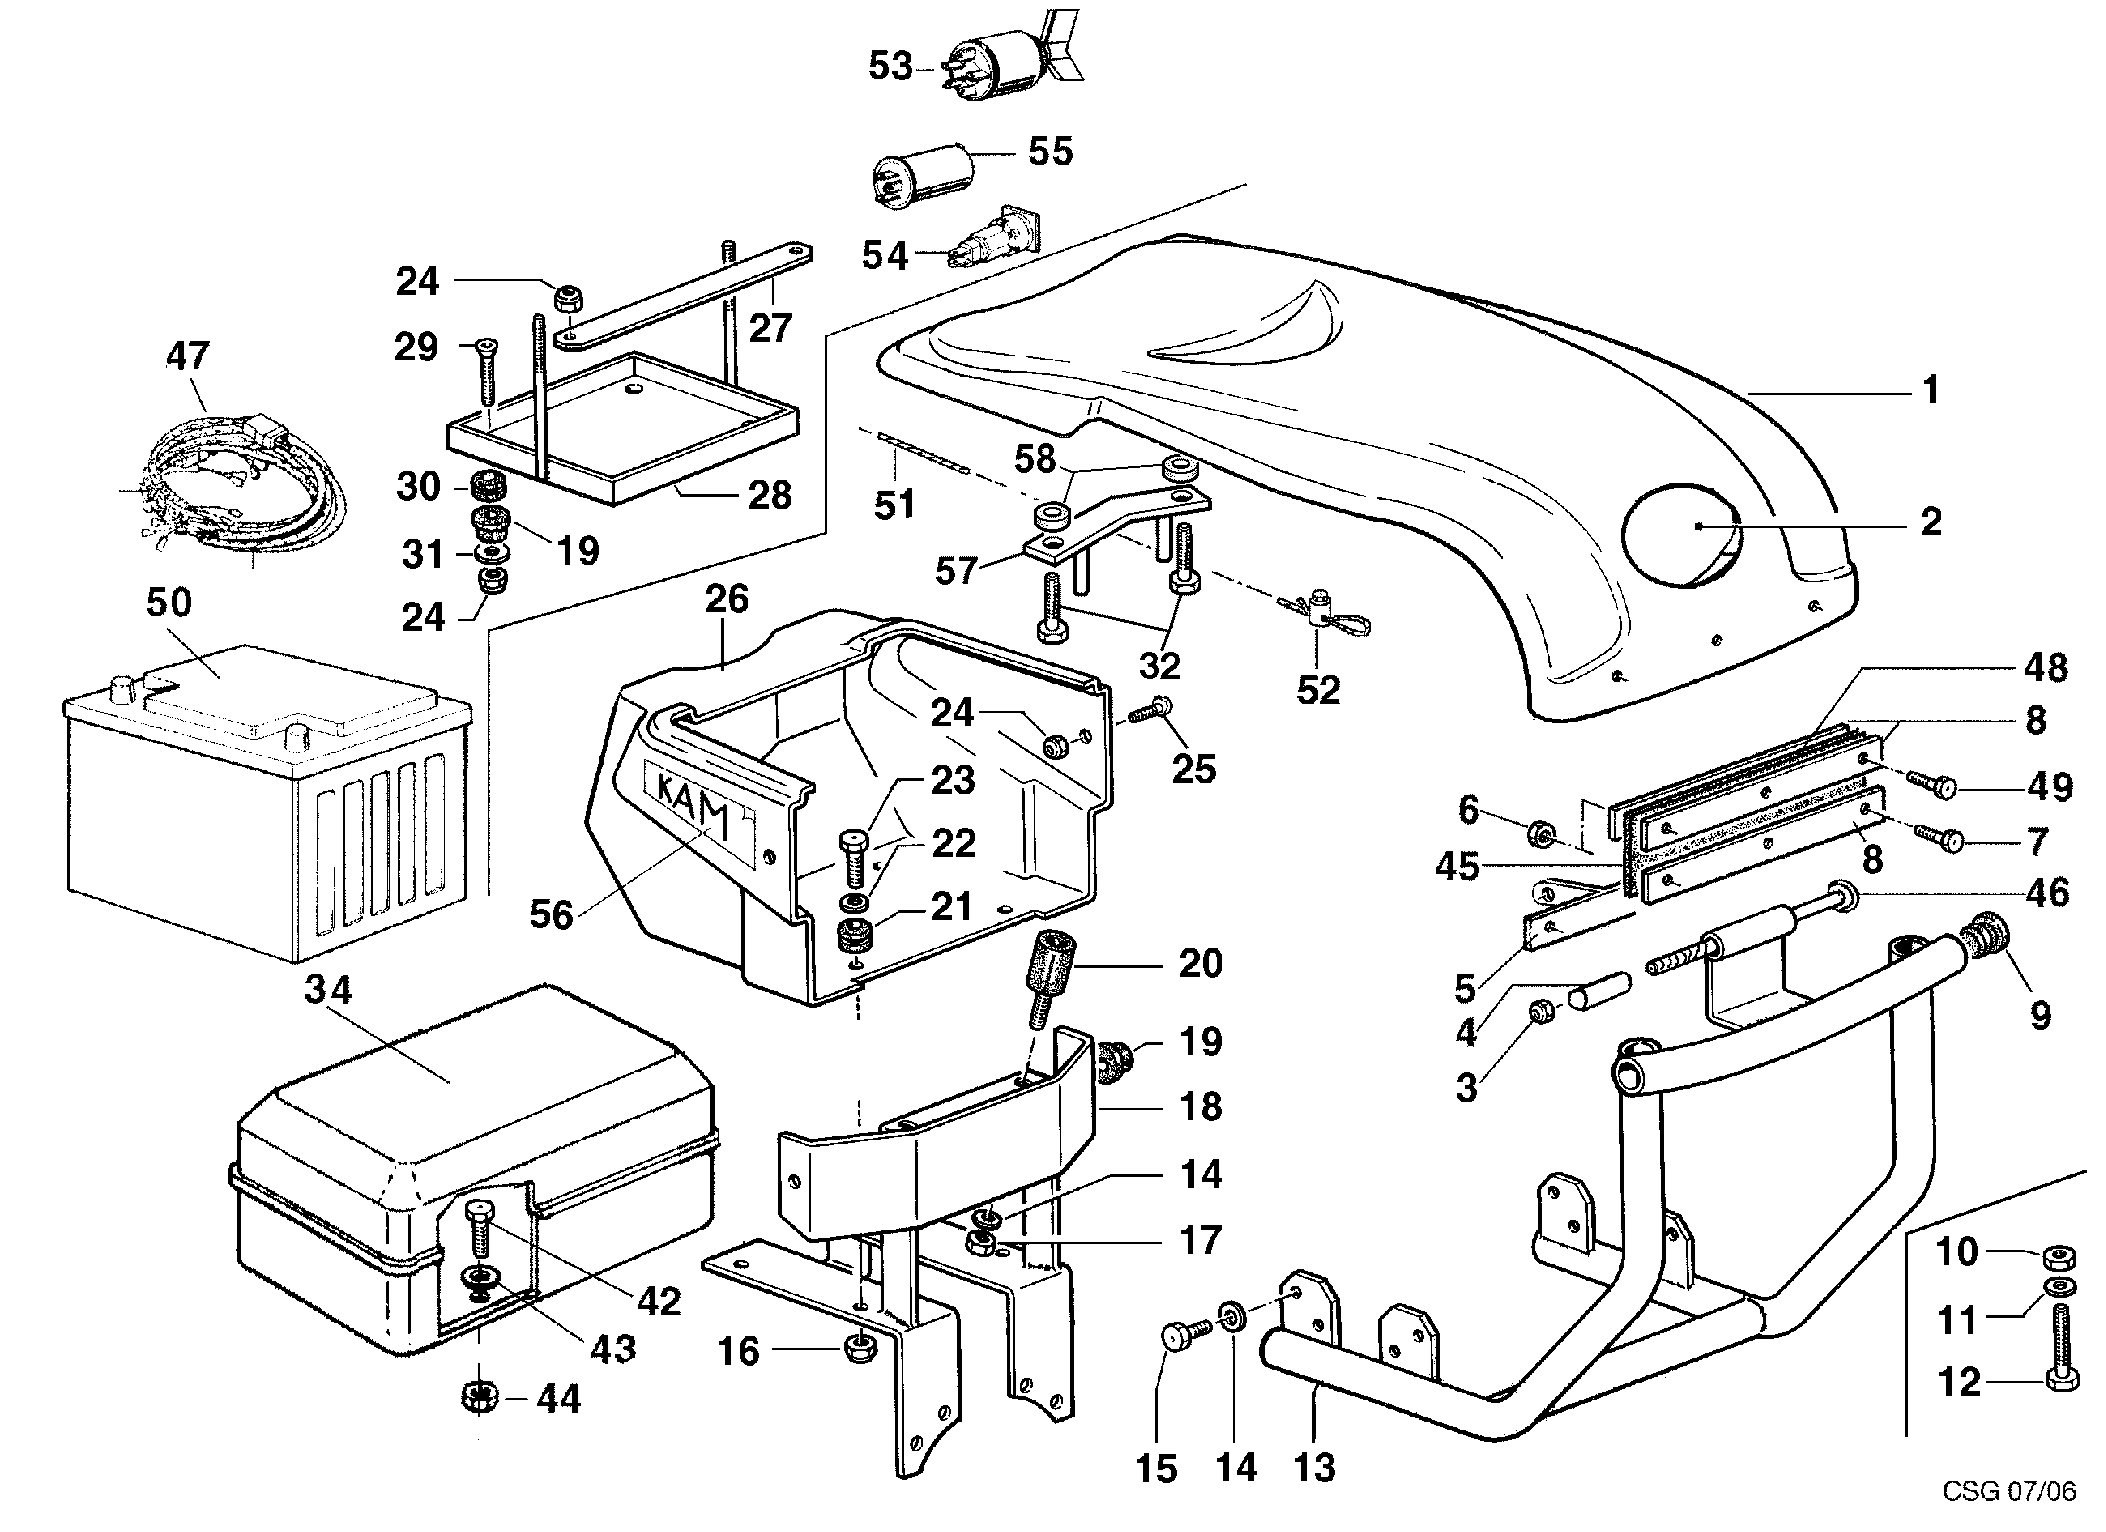 KAM 5 (jusqu'en 2009) Motoculteur OLEOMAC NIBBI vue éclatée Dessins pièces - Capot polyuréthane